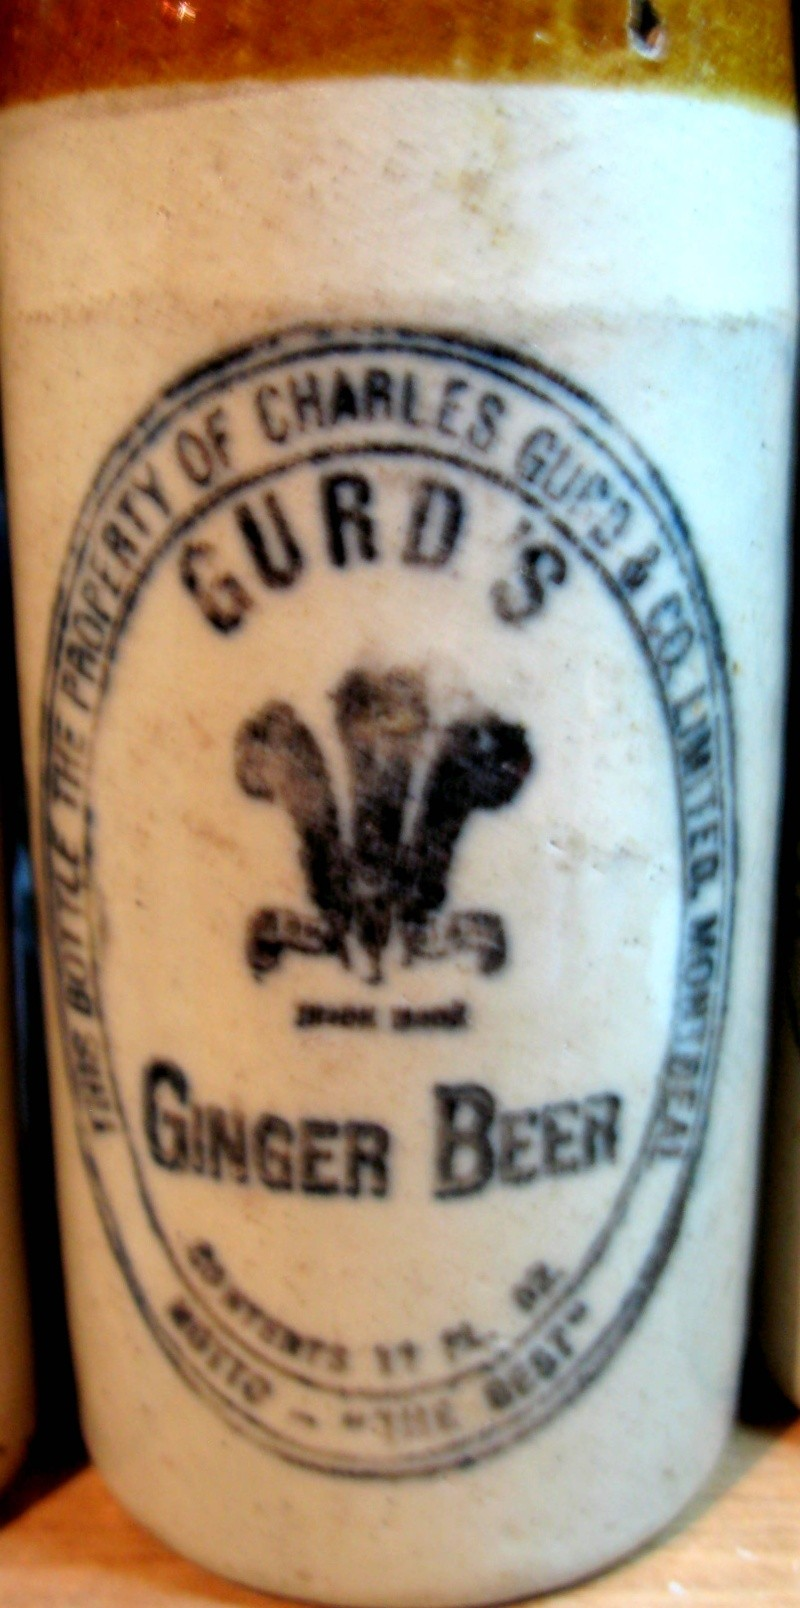 mes gurd`s ginger beer  8 bouteille  Gurd_018